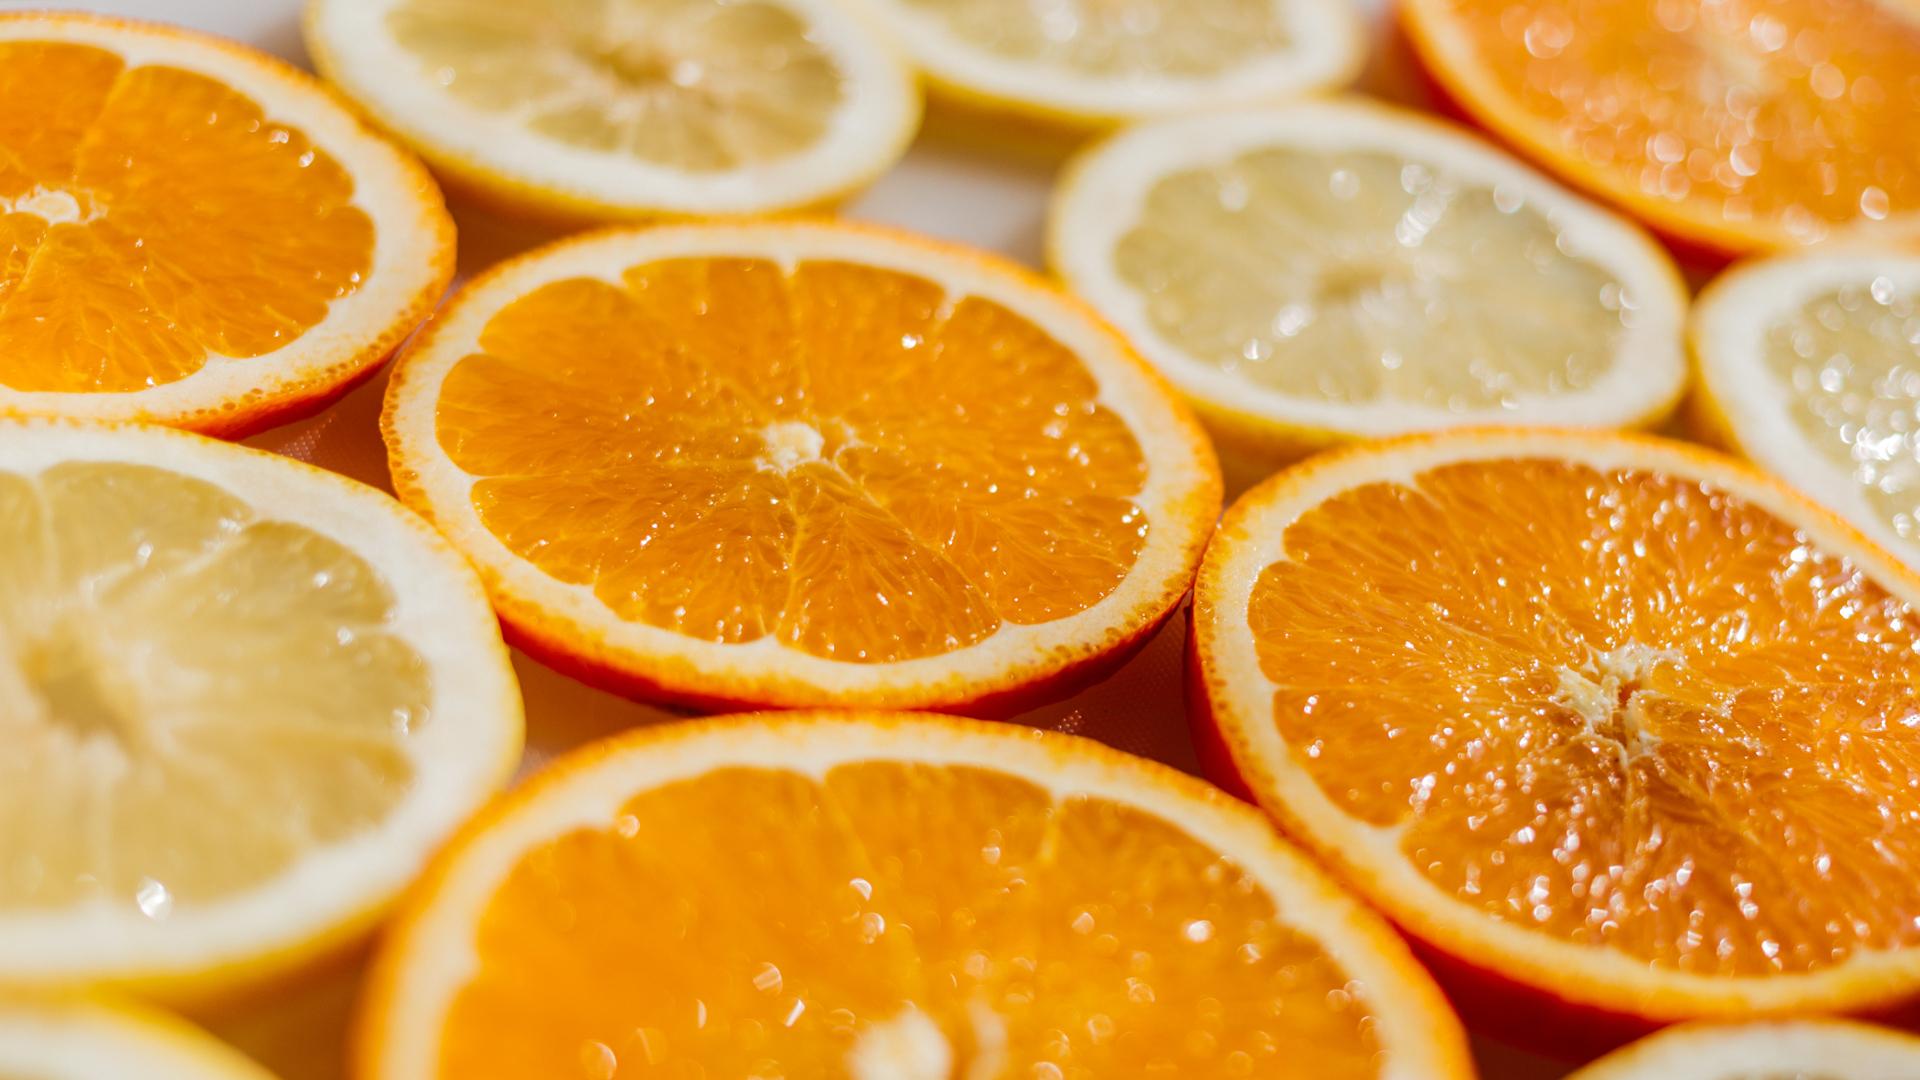 Vitamina C: quello che devi sapere per la cucina e la salute